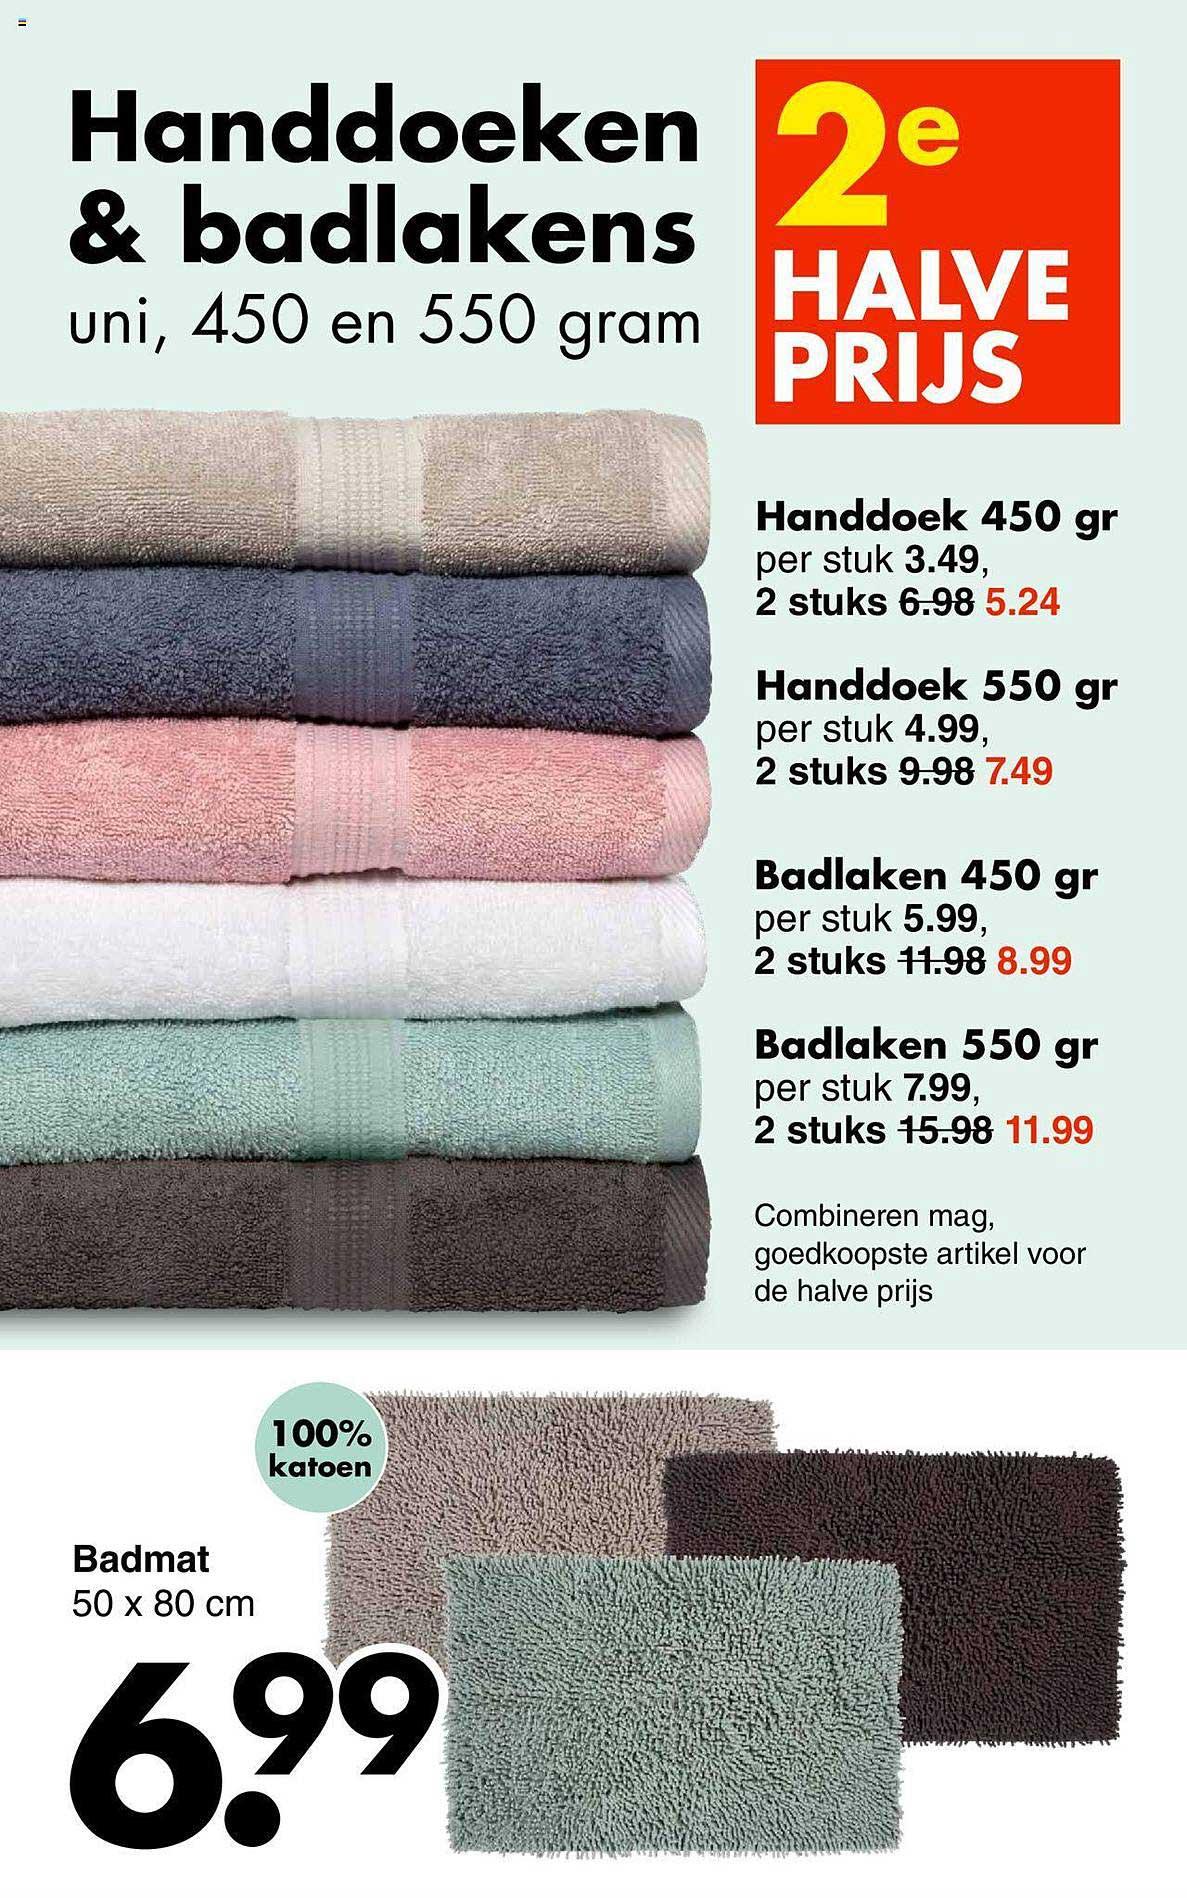 Wibra Handdoeken & Badlakens